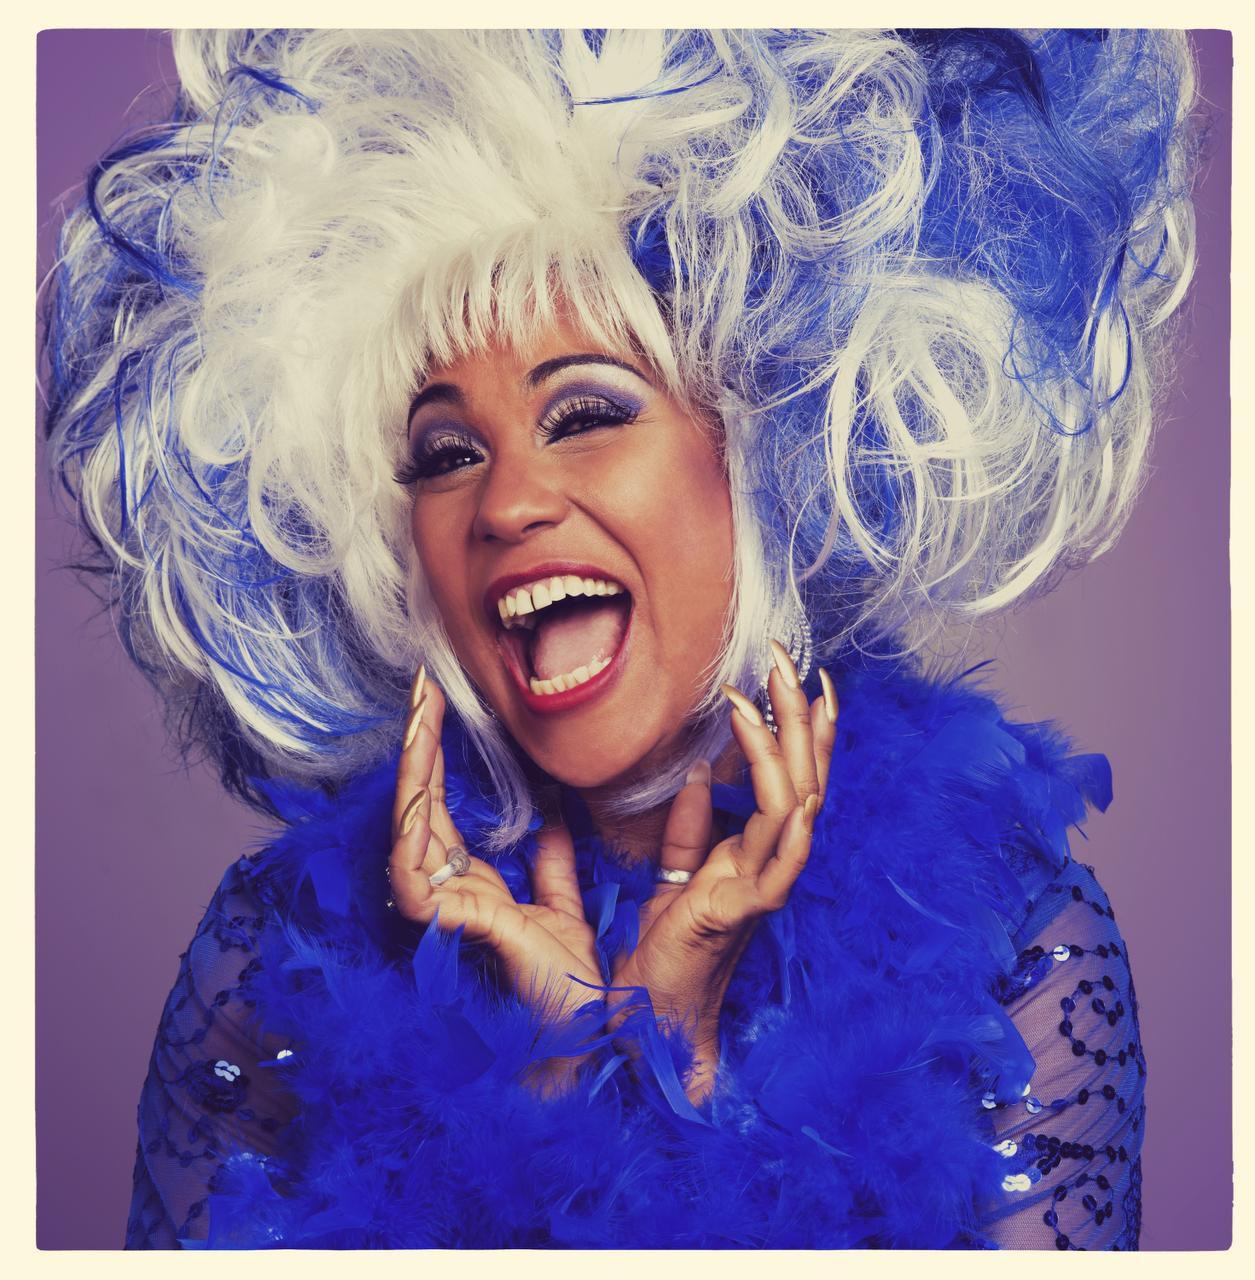 La cubana Aymée Nuviola cuidó mucho el 'look' de las pelucas de Celia Cruz para su intepretación/ CORTESÍA / TELEMUNDO